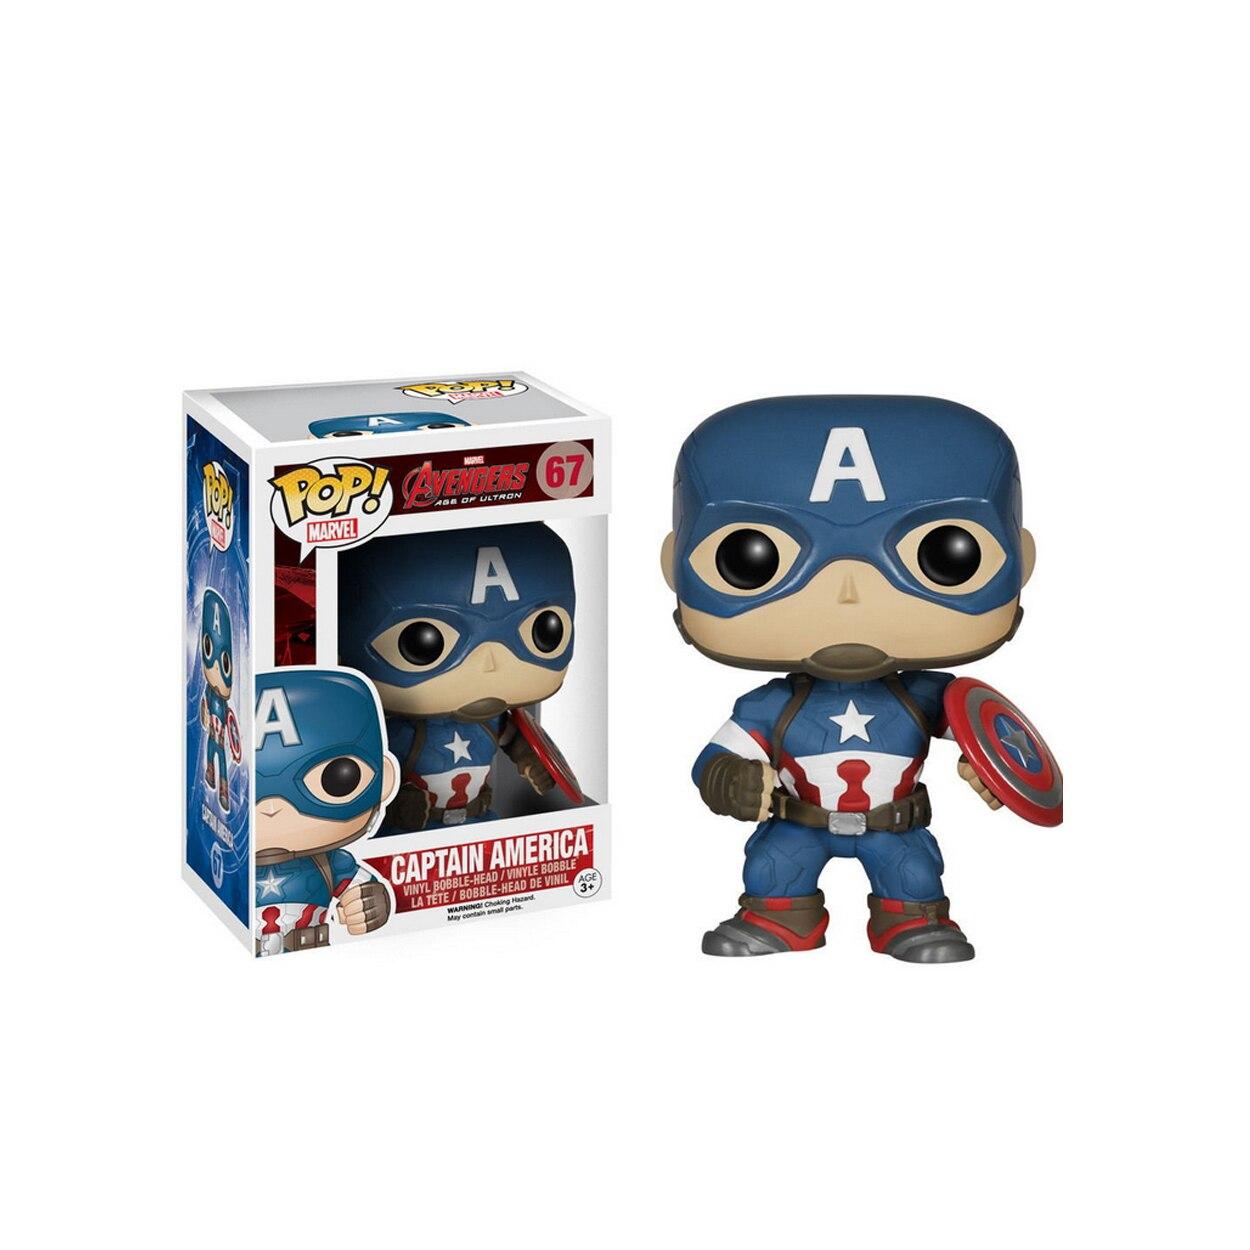 <font><b>Funko</b></font> <font><b>Pop</b></font> <font><b>Marvel</b></font> <font><b>Captain</b></font> <font><b>America</b></font> Avengers 67# <font><b>Civil</b></font> <font><b>War</b></font> <font><b>3</b></font> PVC Movie Vinyl Cute Action Figure Collection Gifts Toys